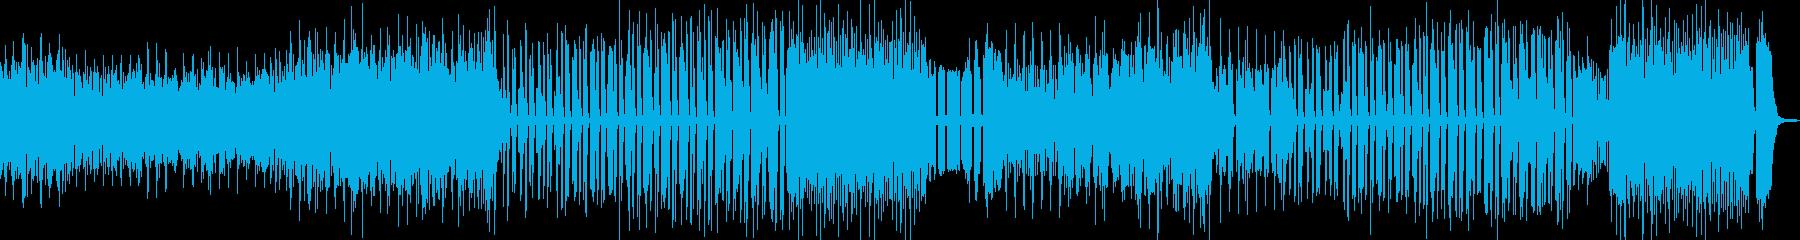 爆笑珍事件・トランペットジャズポップ Bの再生済みの波形